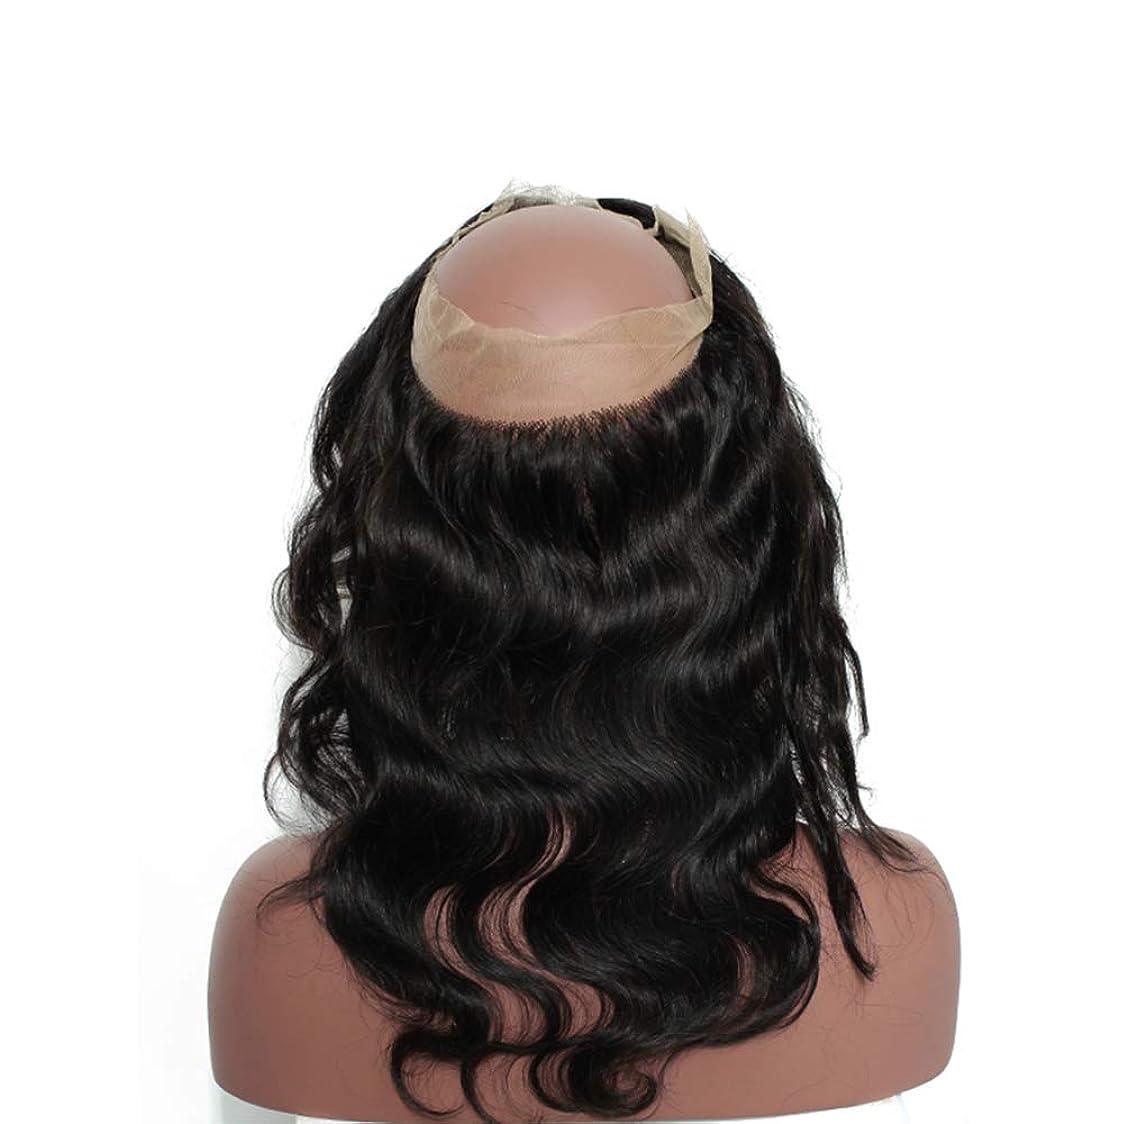 バターキャップ重荷女性360レースヘアブロック8aブラジル実体波閉鎖人間の髪未処理ブラジルバージンヘア実体波人間の髪